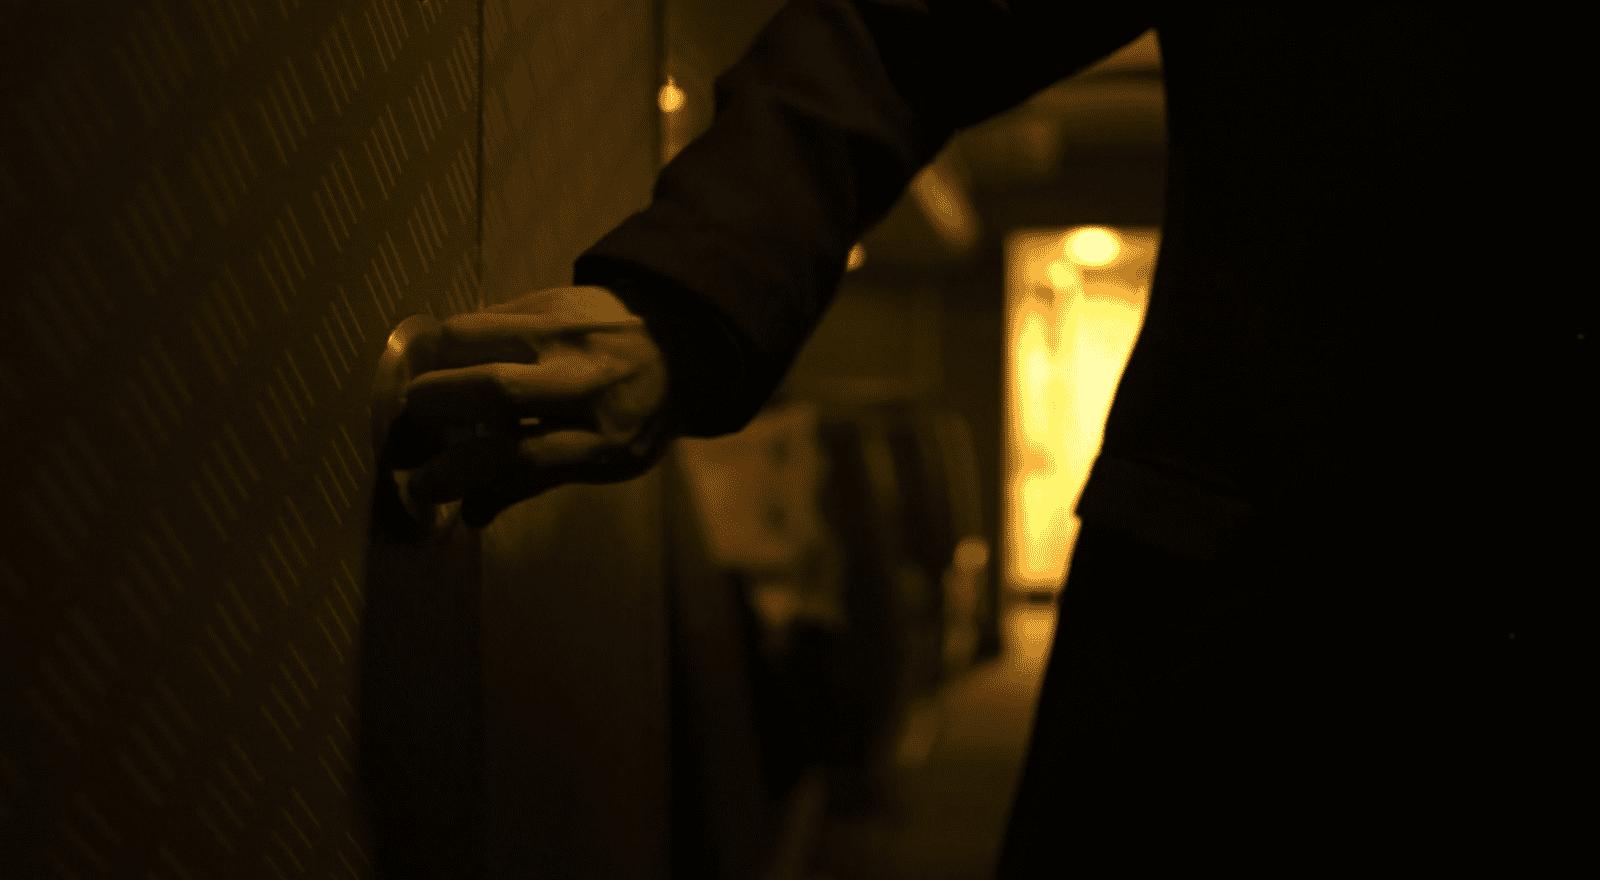 An Klotüren. Filmstill aus Contagion (Soderbergh 2011).